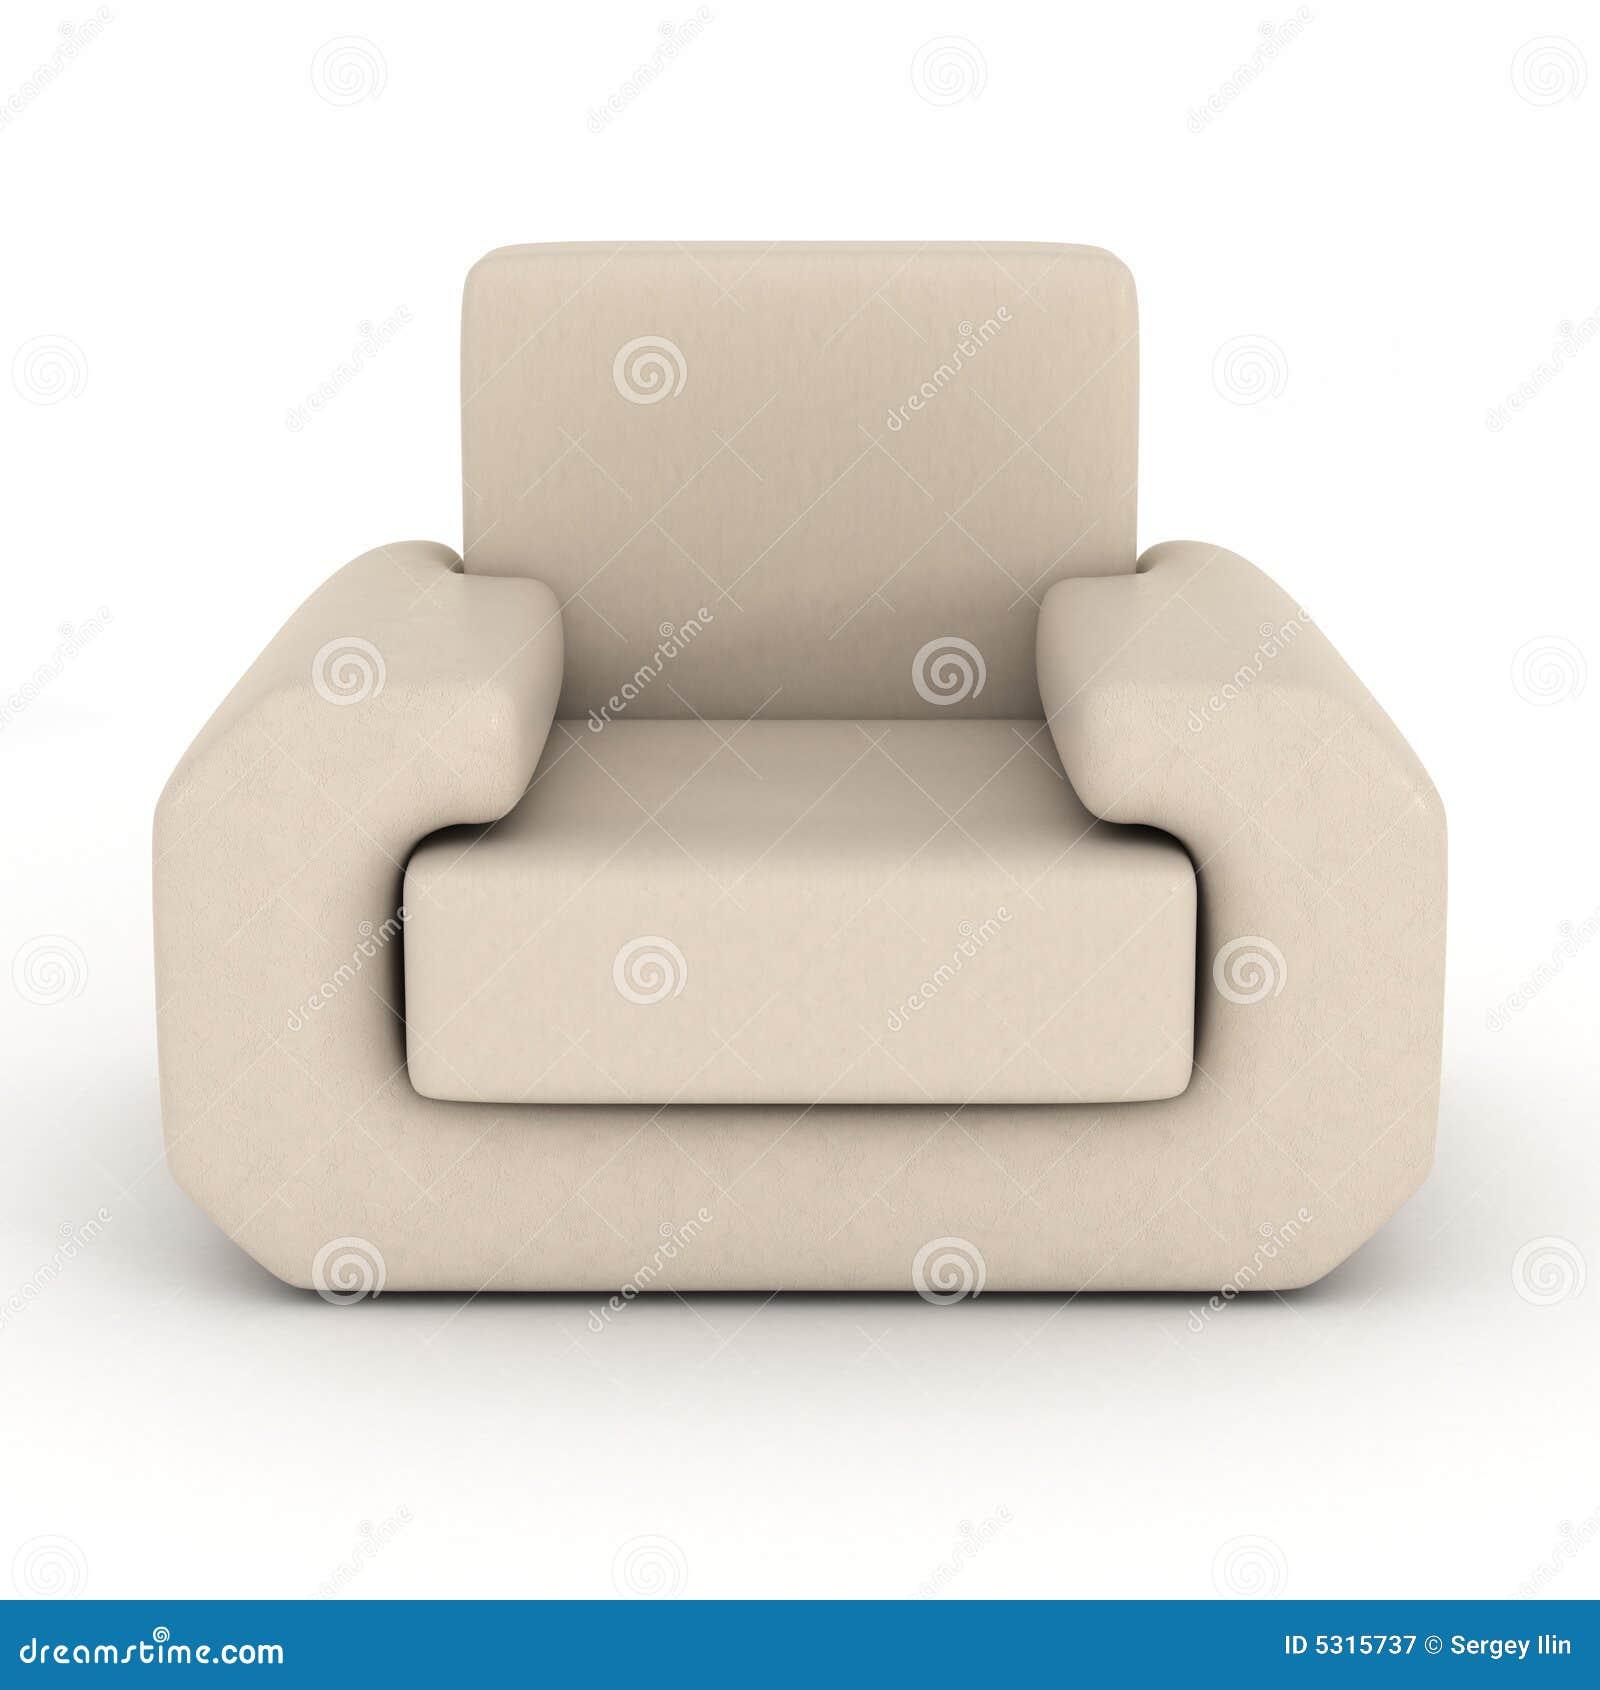 Download Poltrona Di Cuoio Su Una Priorità Bassa Bianca. Illustrazione di Stock - Illustrazione di pavimento, cuscino: 5315737